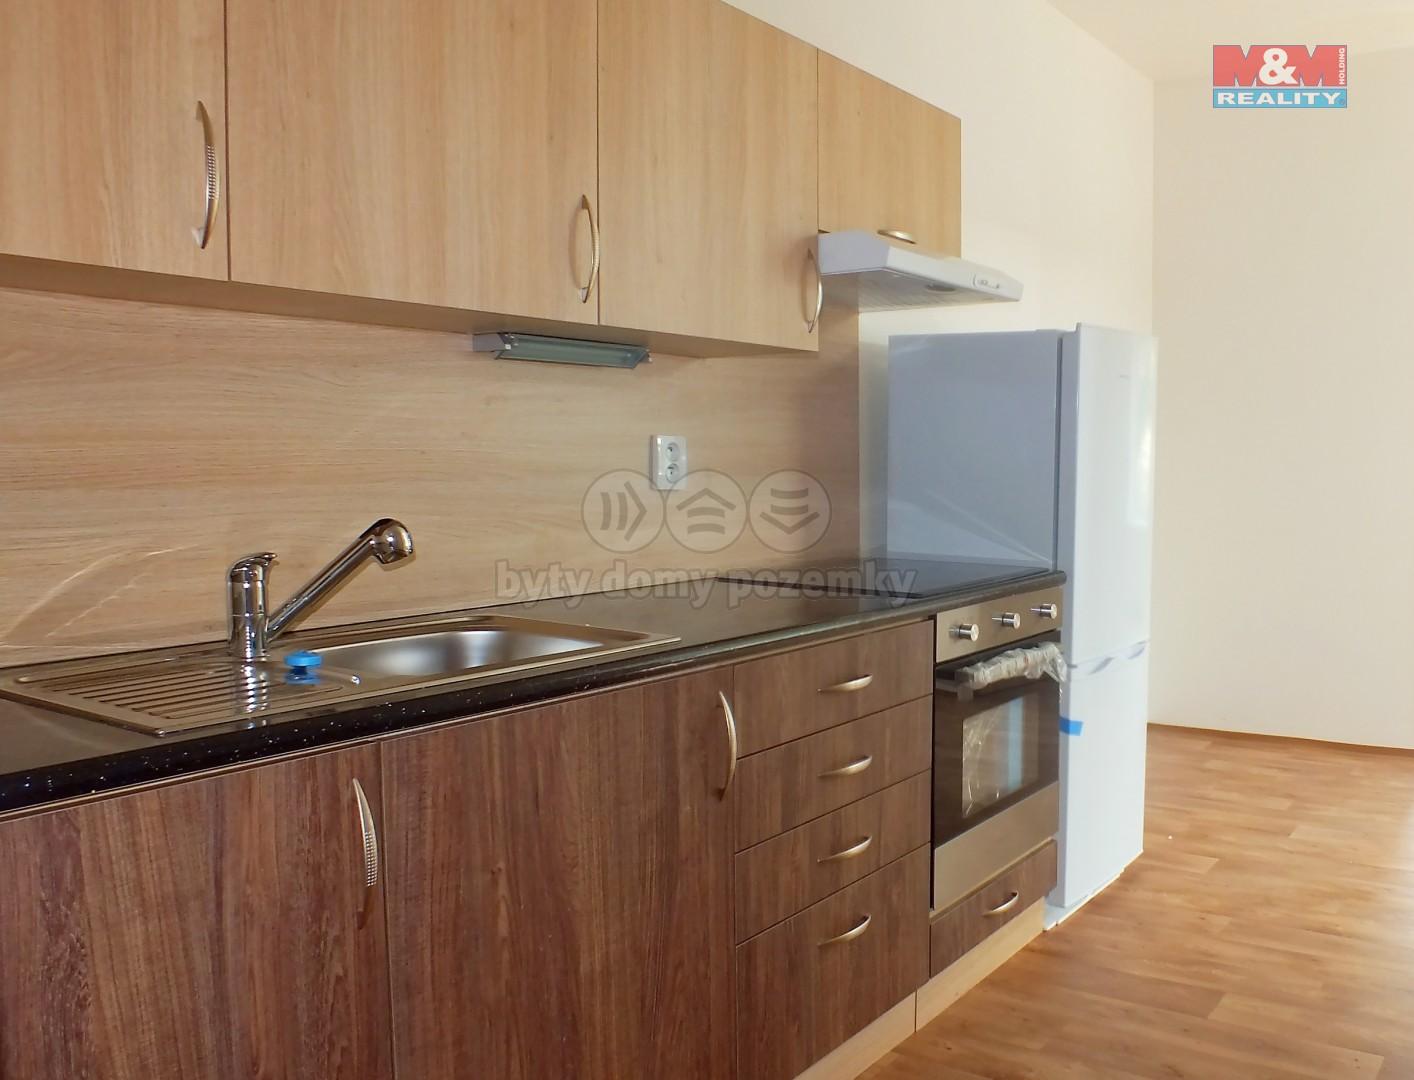 Pronájem bytu 1+kk, 38 m2, Město Albrechtice